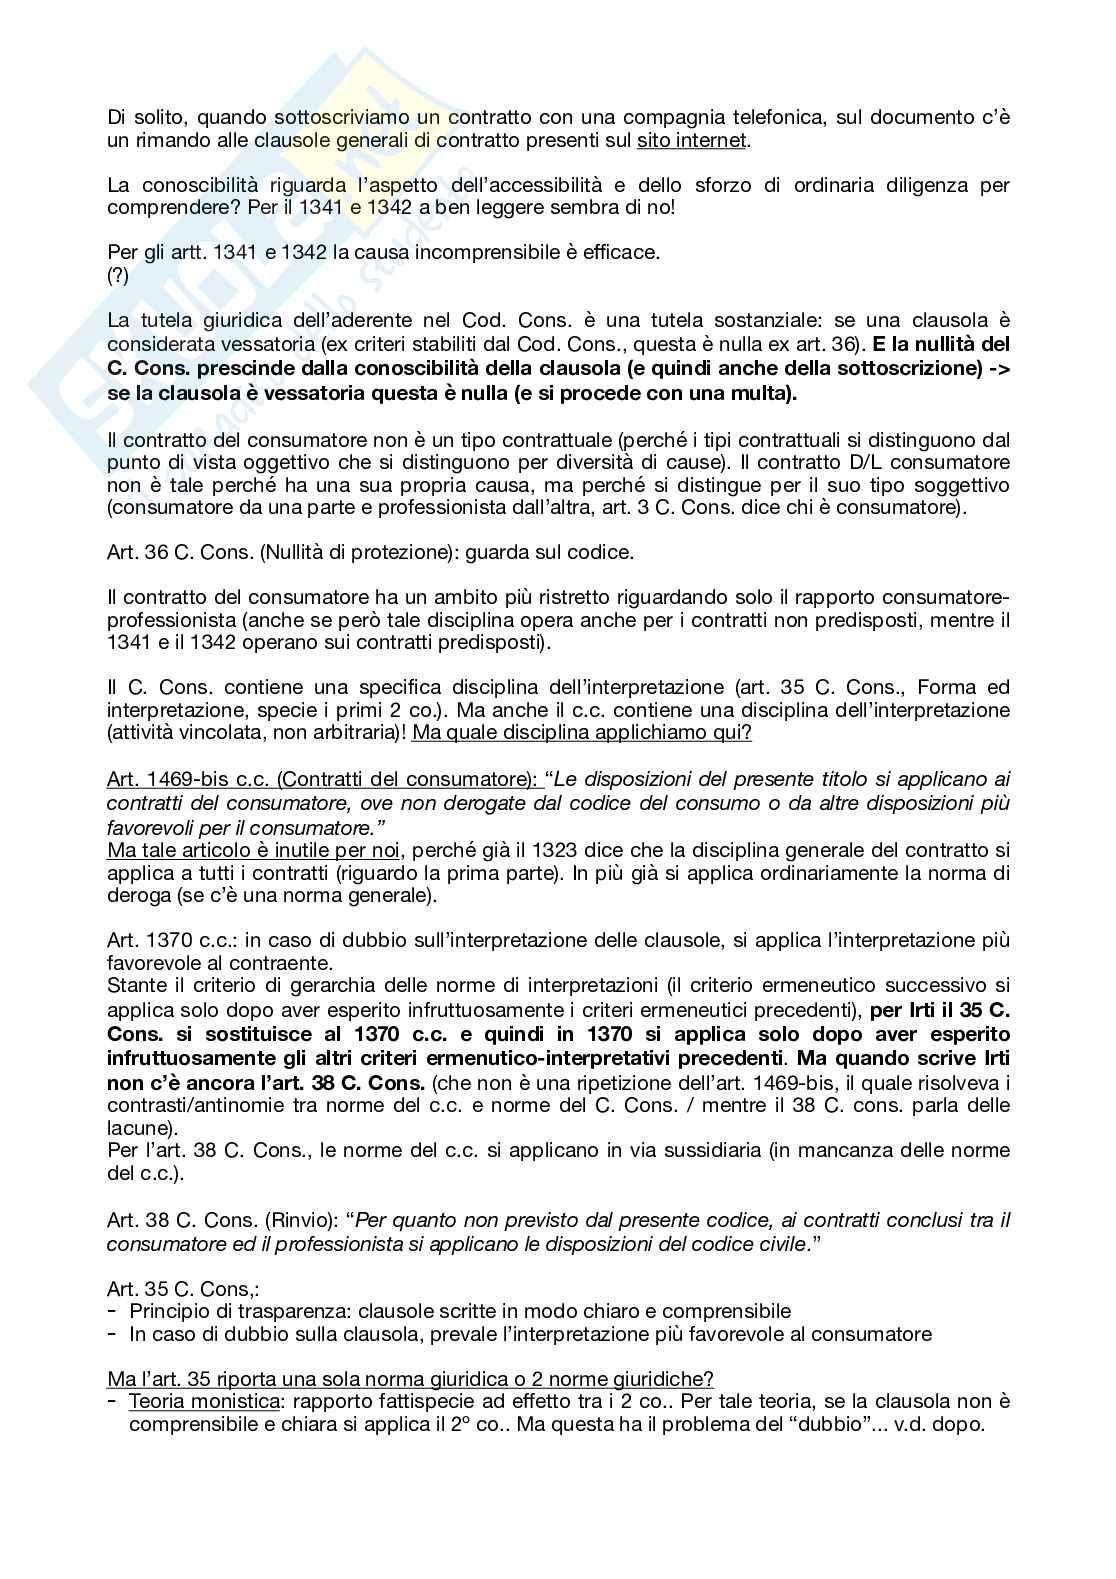 Appunti di Diritto Civile I (corso di Mauro Orlandi) Pag. 66